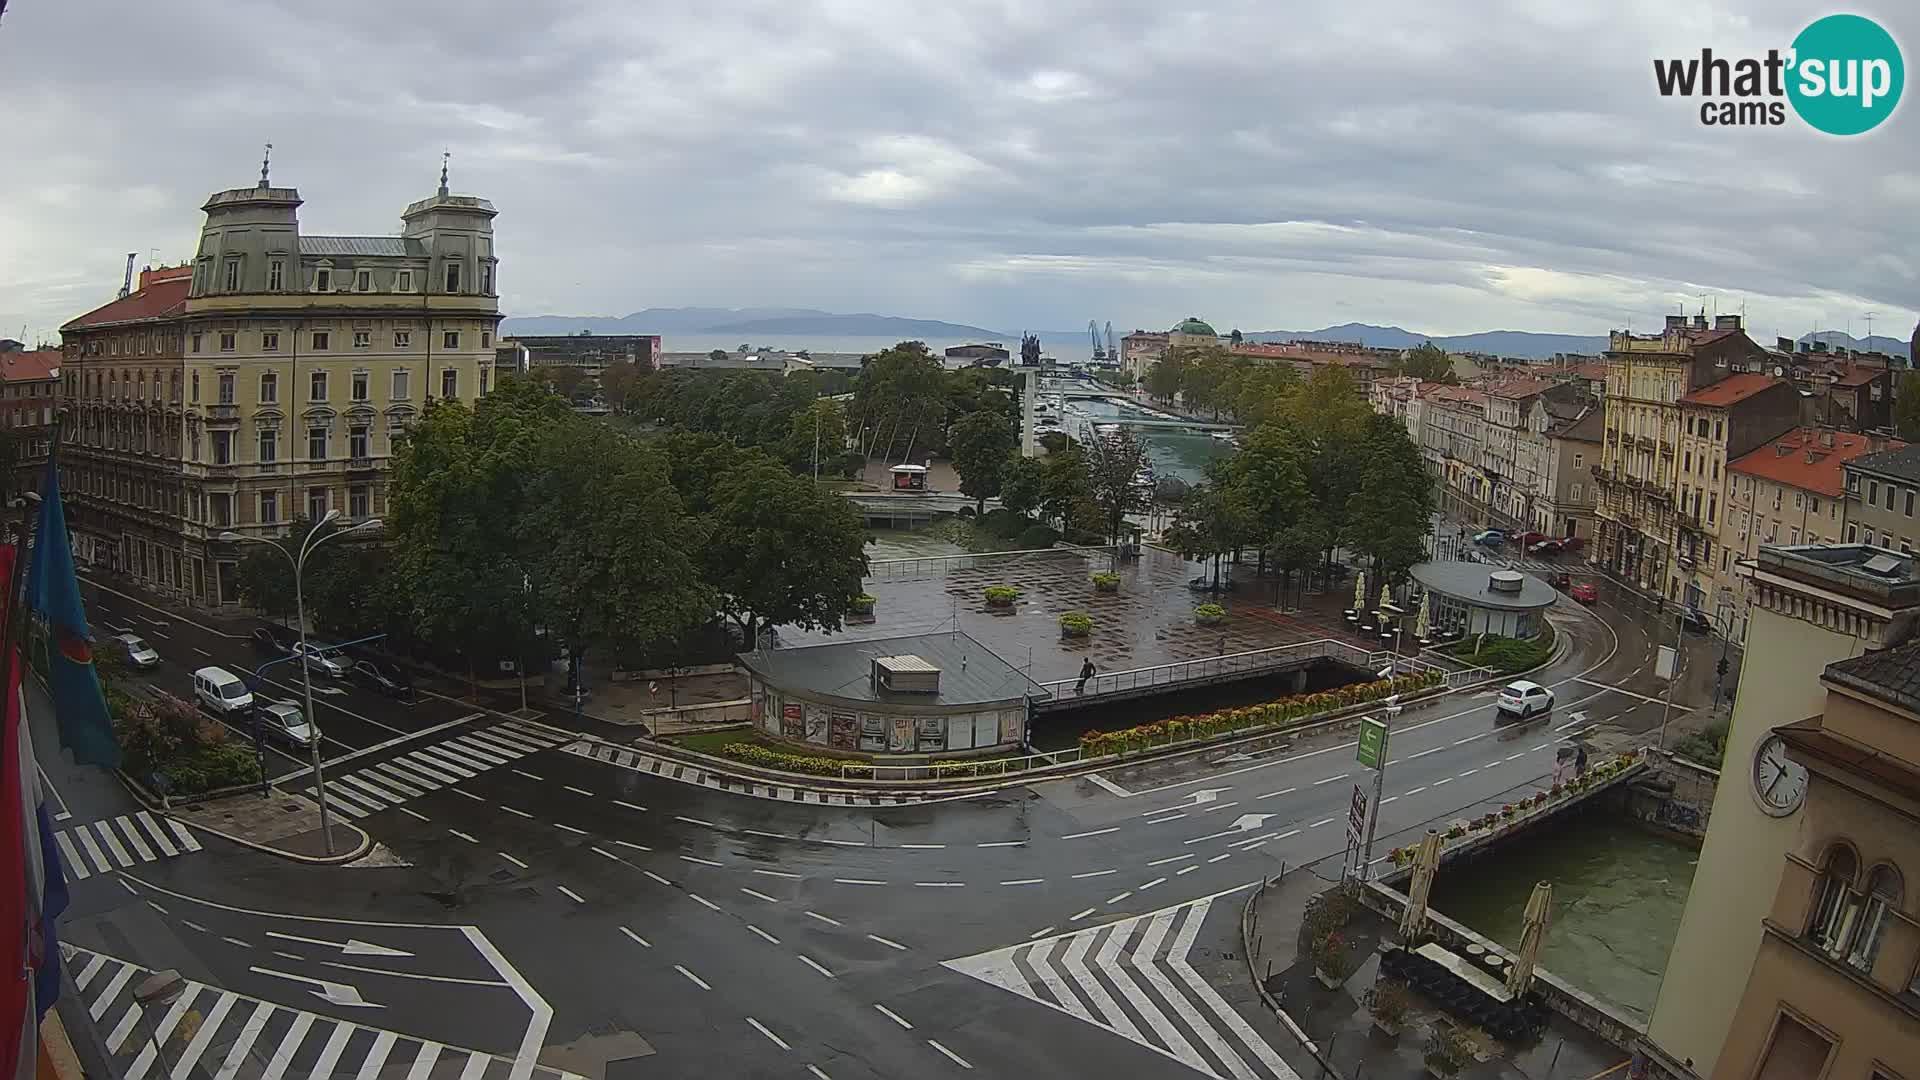 Fiume – Piazza Tito e Fiumara